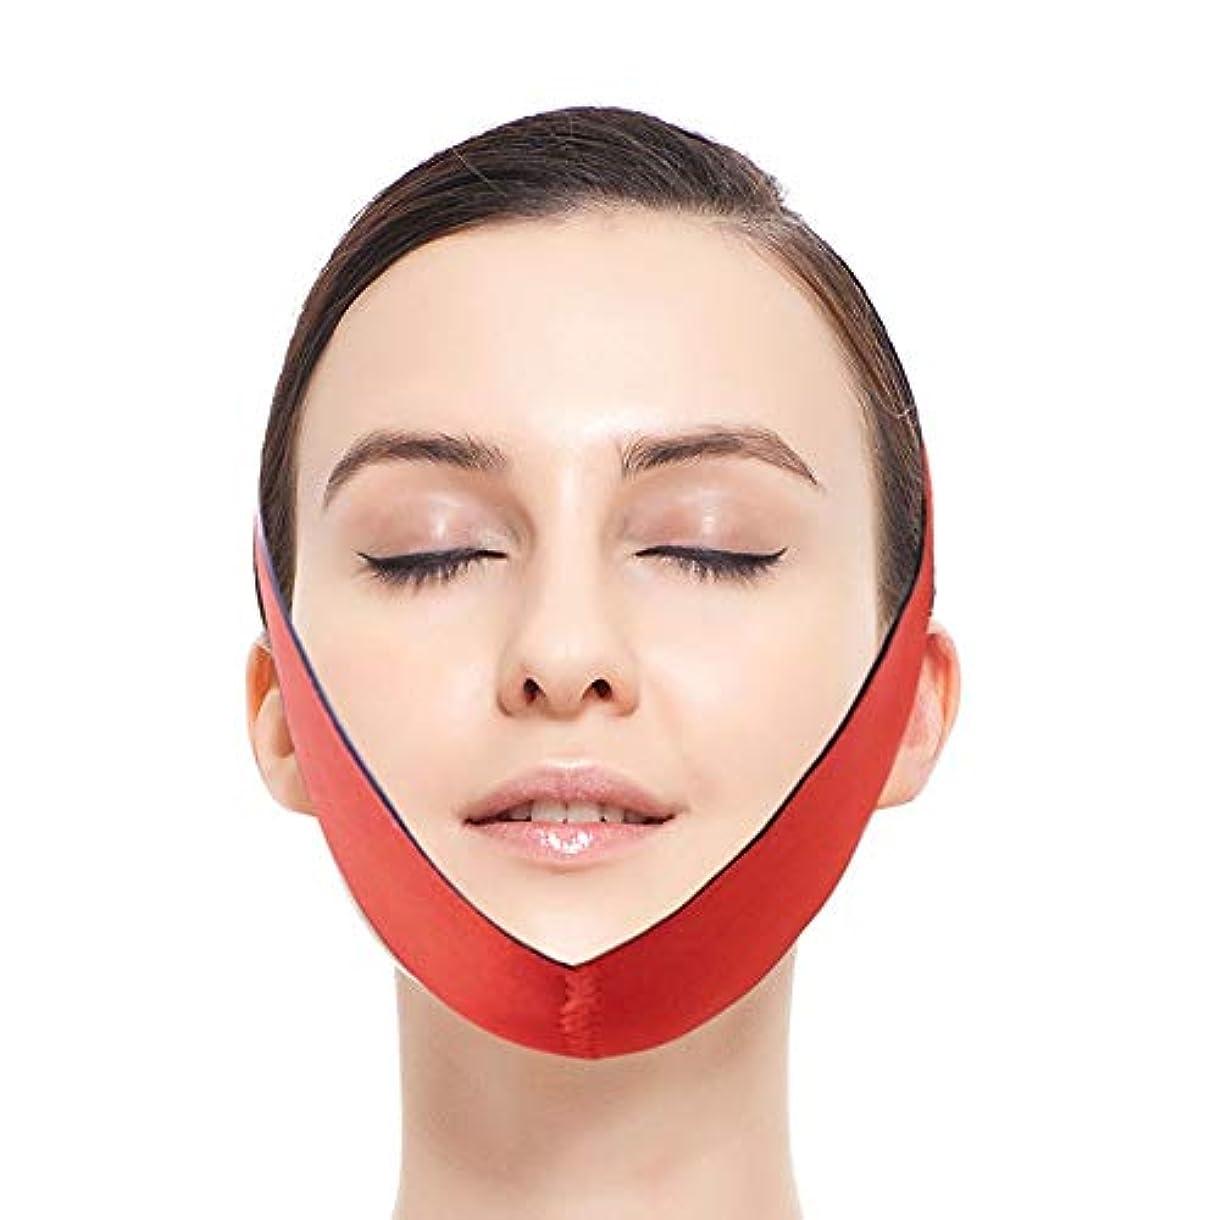 決定的乙女集中的なGYZ フェイスリフティングアーティファクトVフェイス包帯マスクダブルあご引き締め顔薄い咬傷筋肉下顎矯正顔 Thin Face Belt